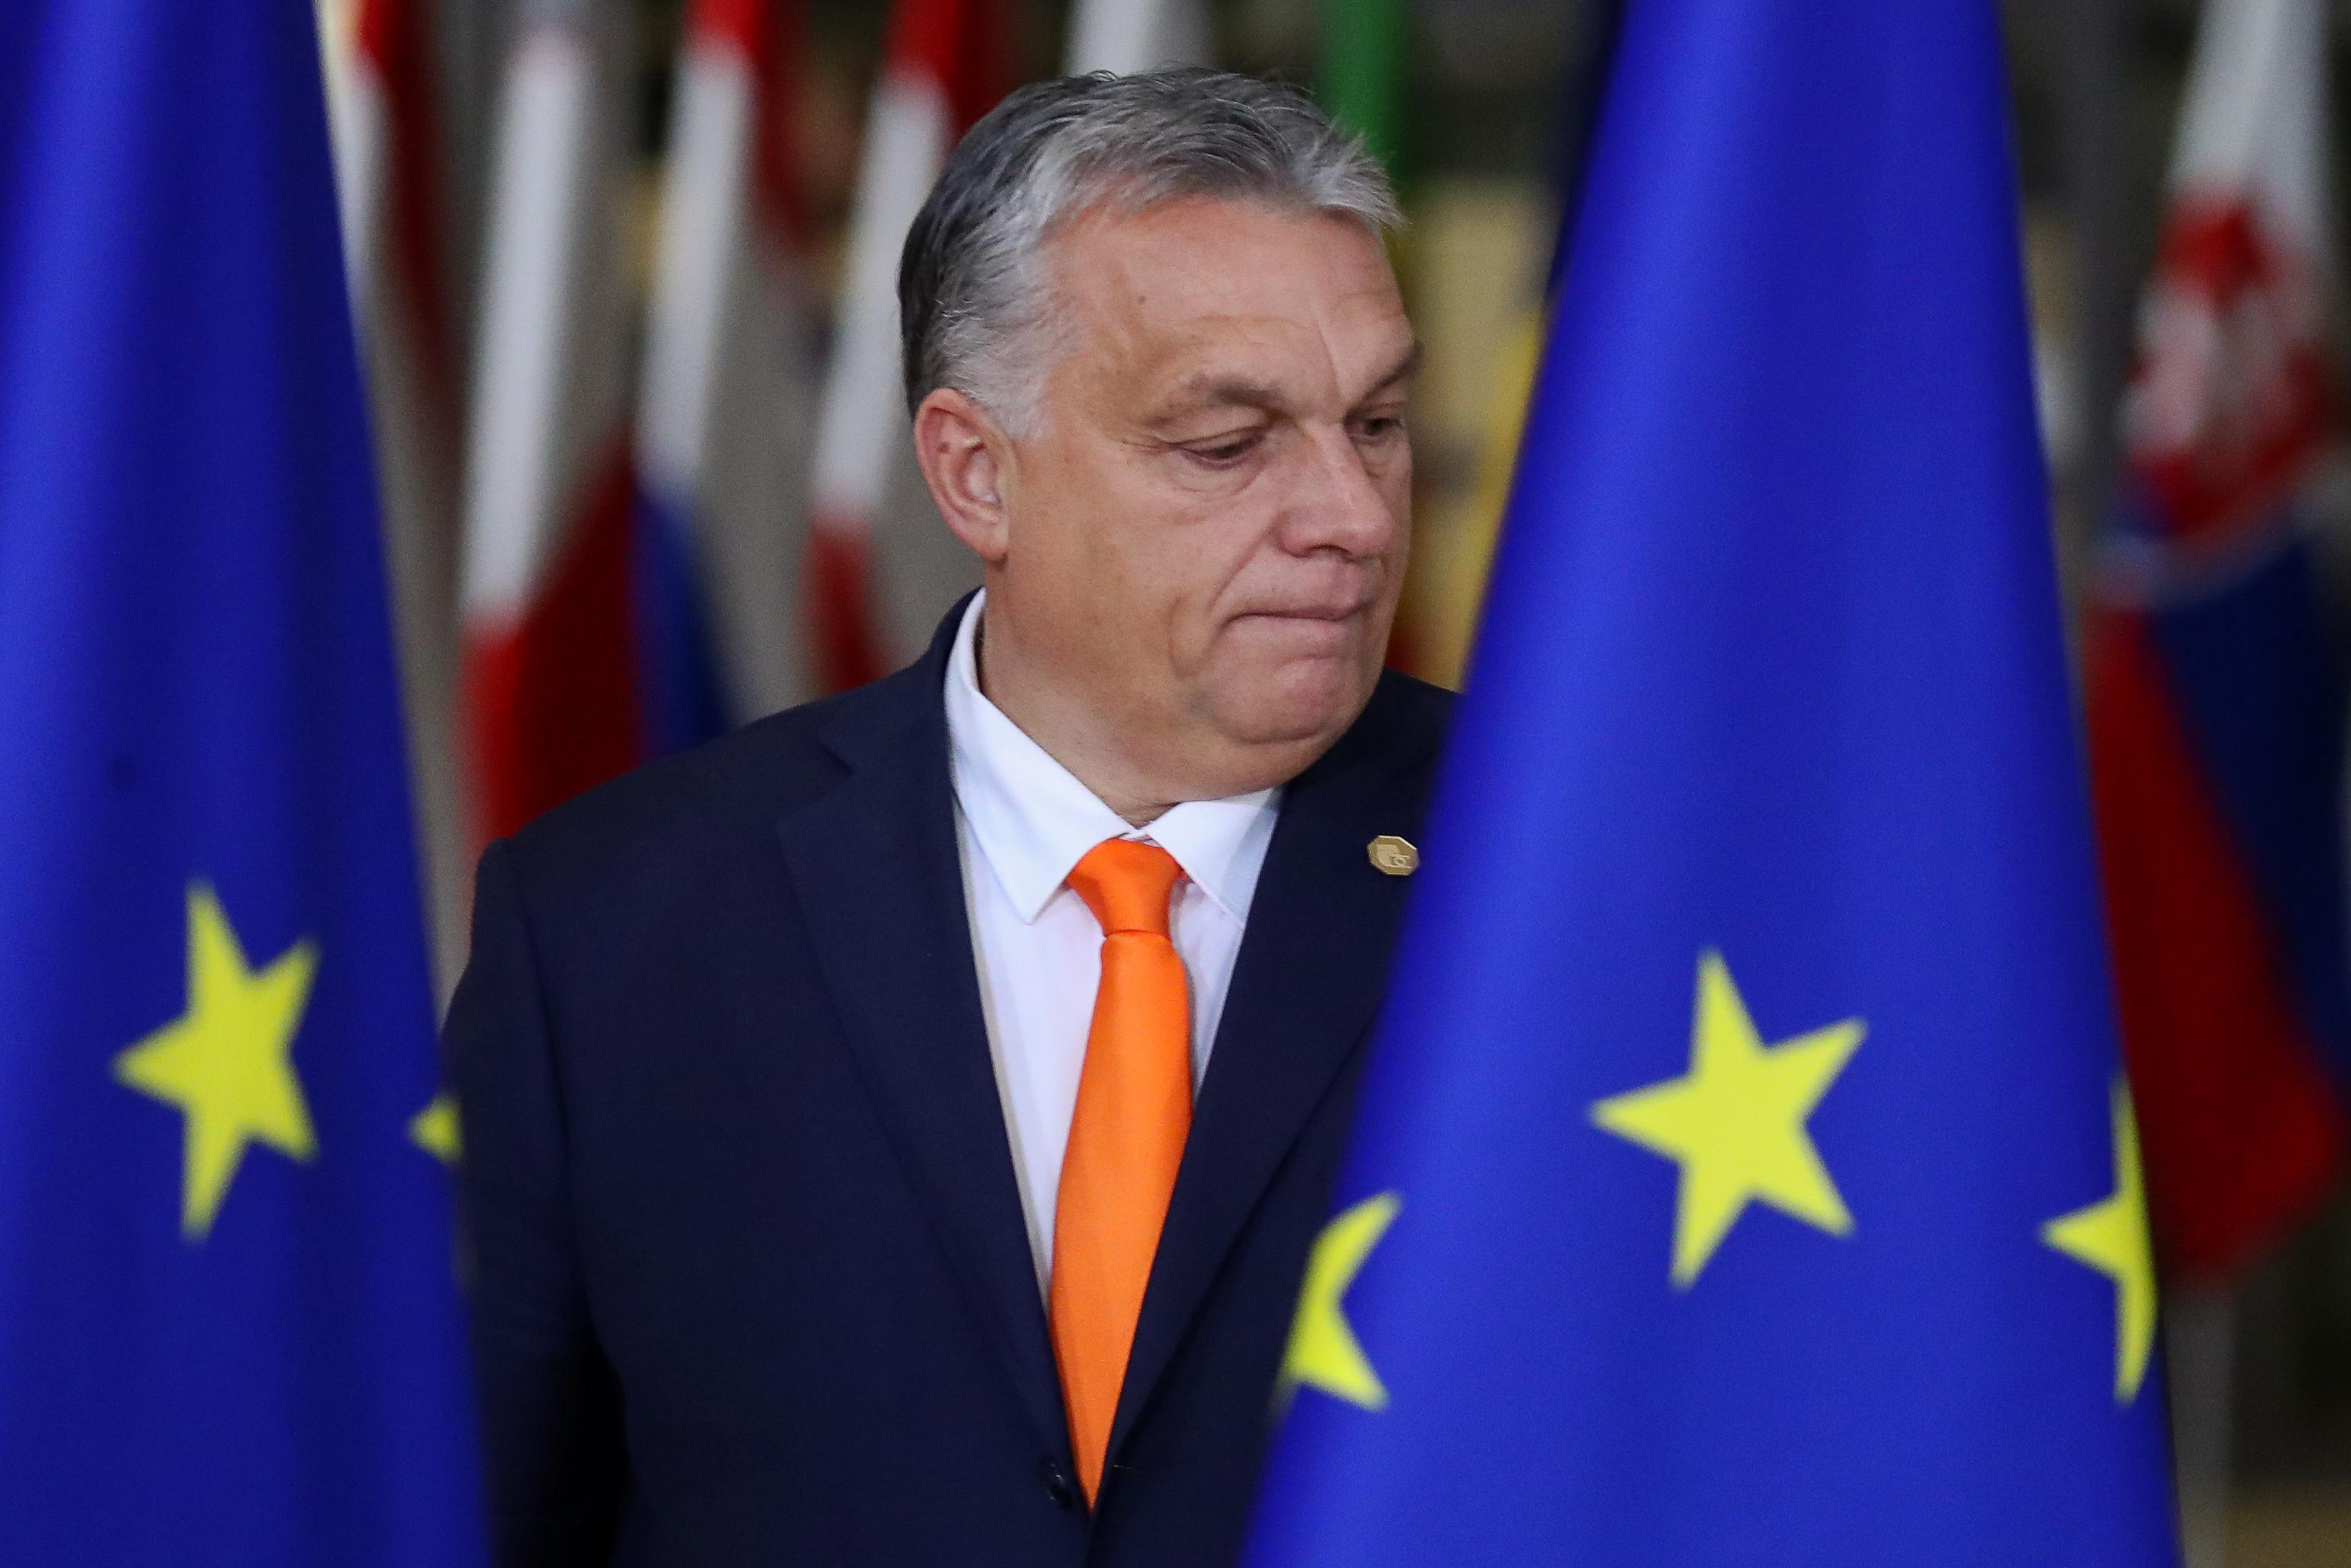 Párbeszéd: Kerüljön be az alaptörvénybe, hogy csak népszavazás után lehessen kilépni az EU-ból!